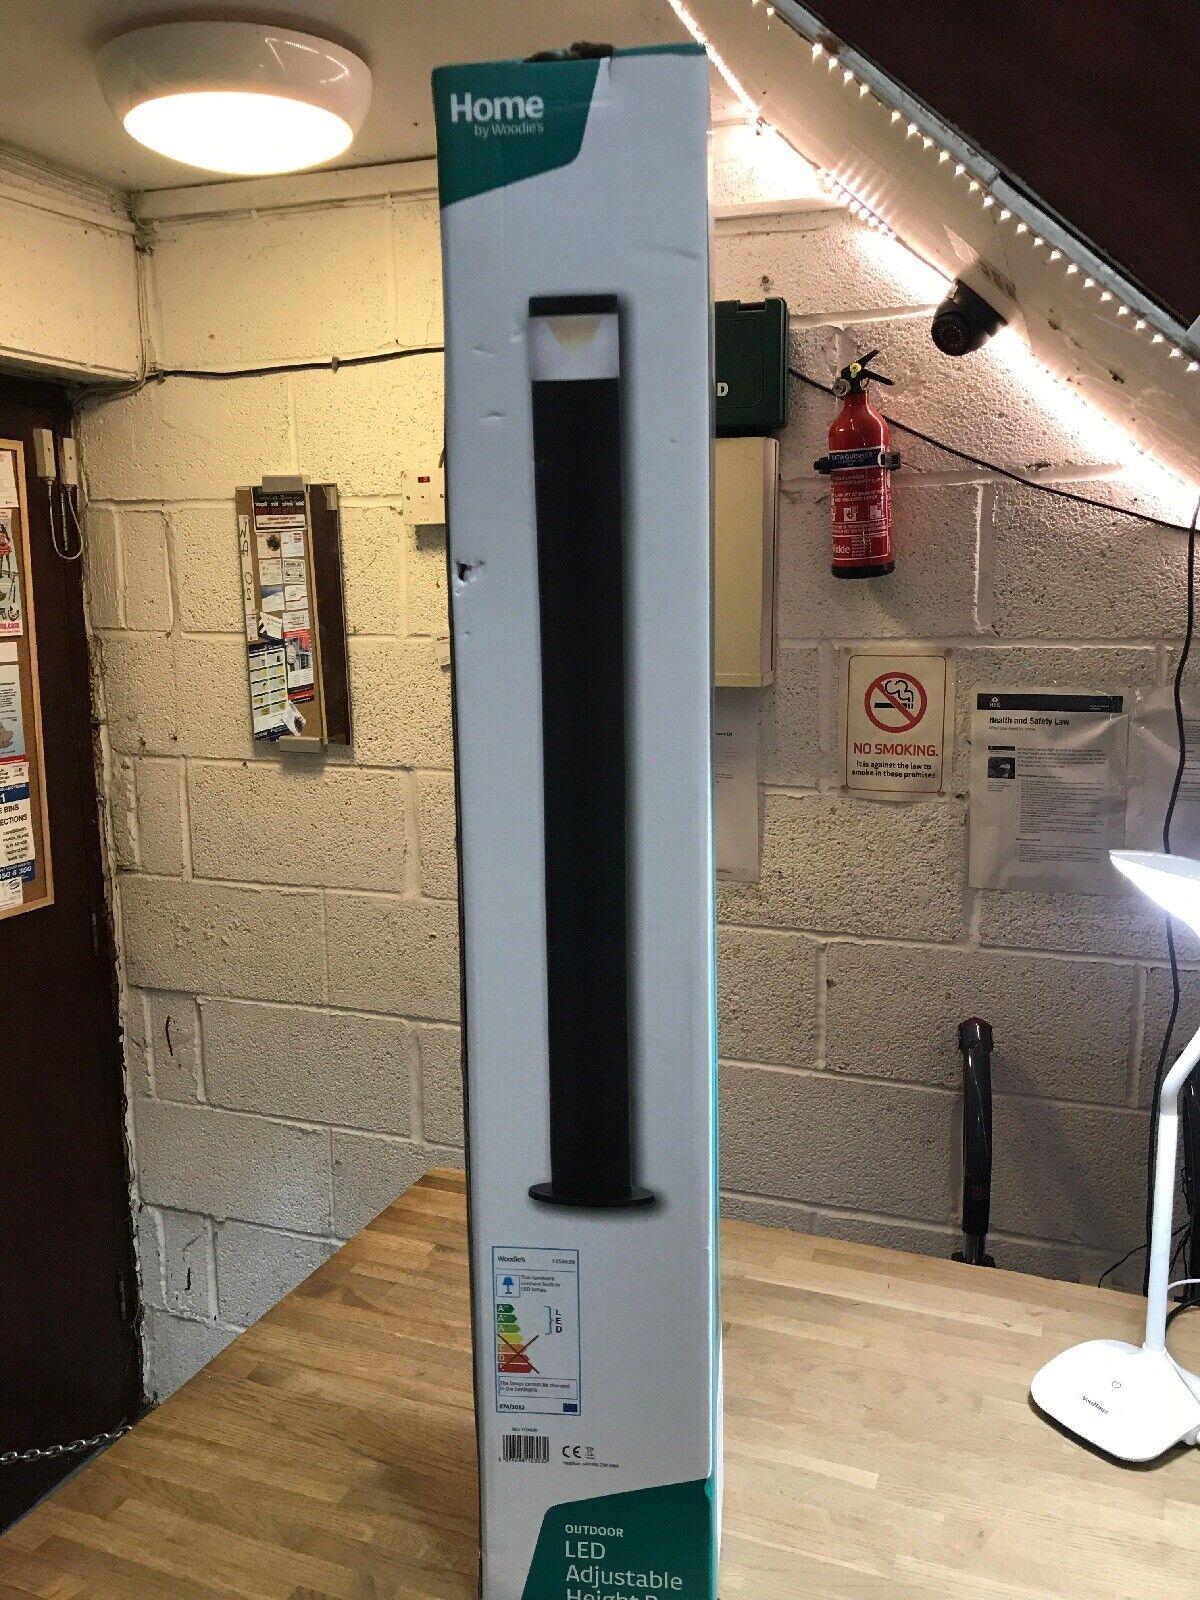 Outdoor LED regolabile in altezza POST NERO Ip44 1154639